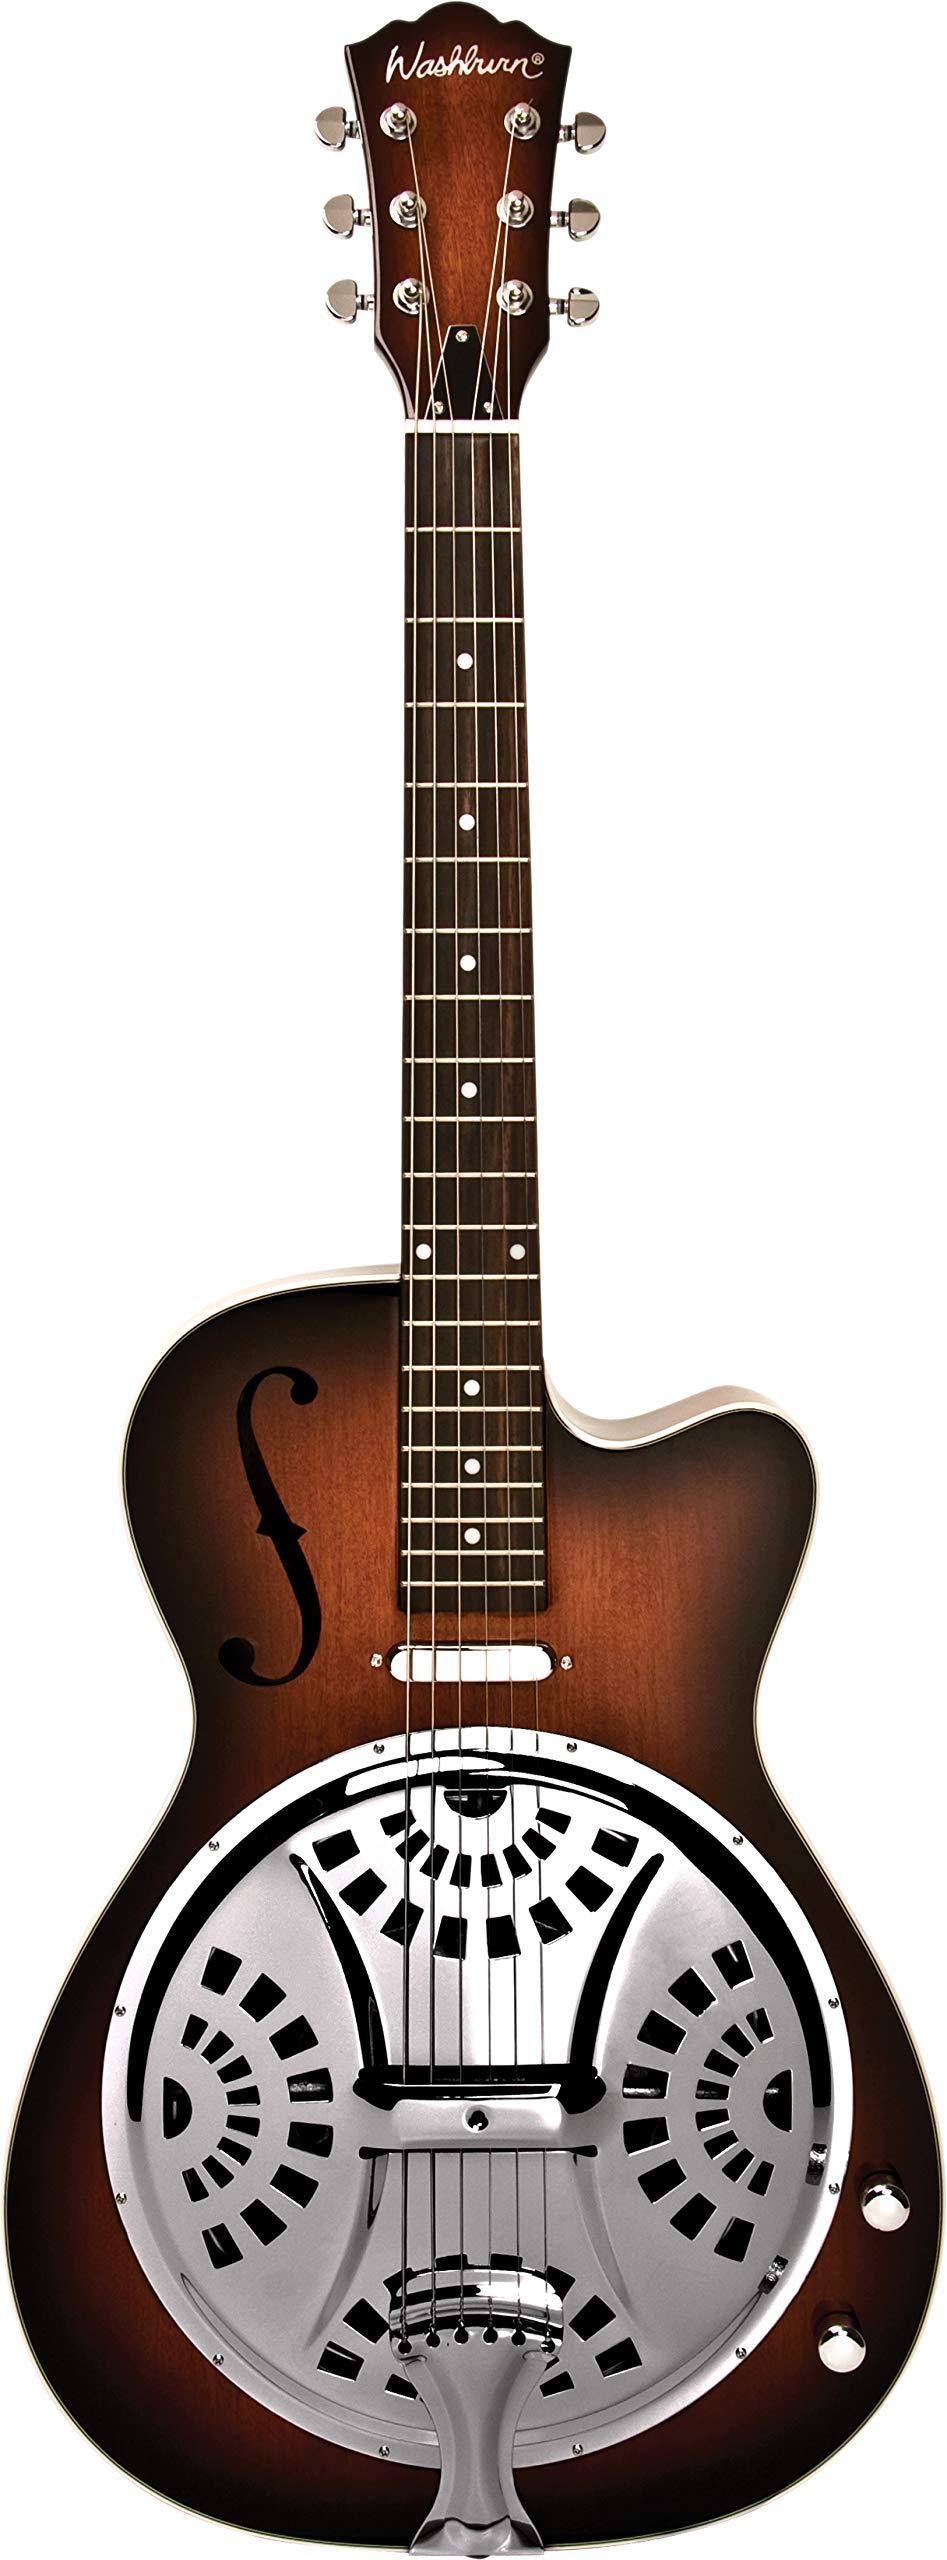 Washburn 6 String Resonator Guitar, Right (R15RCE-A) by Washburn